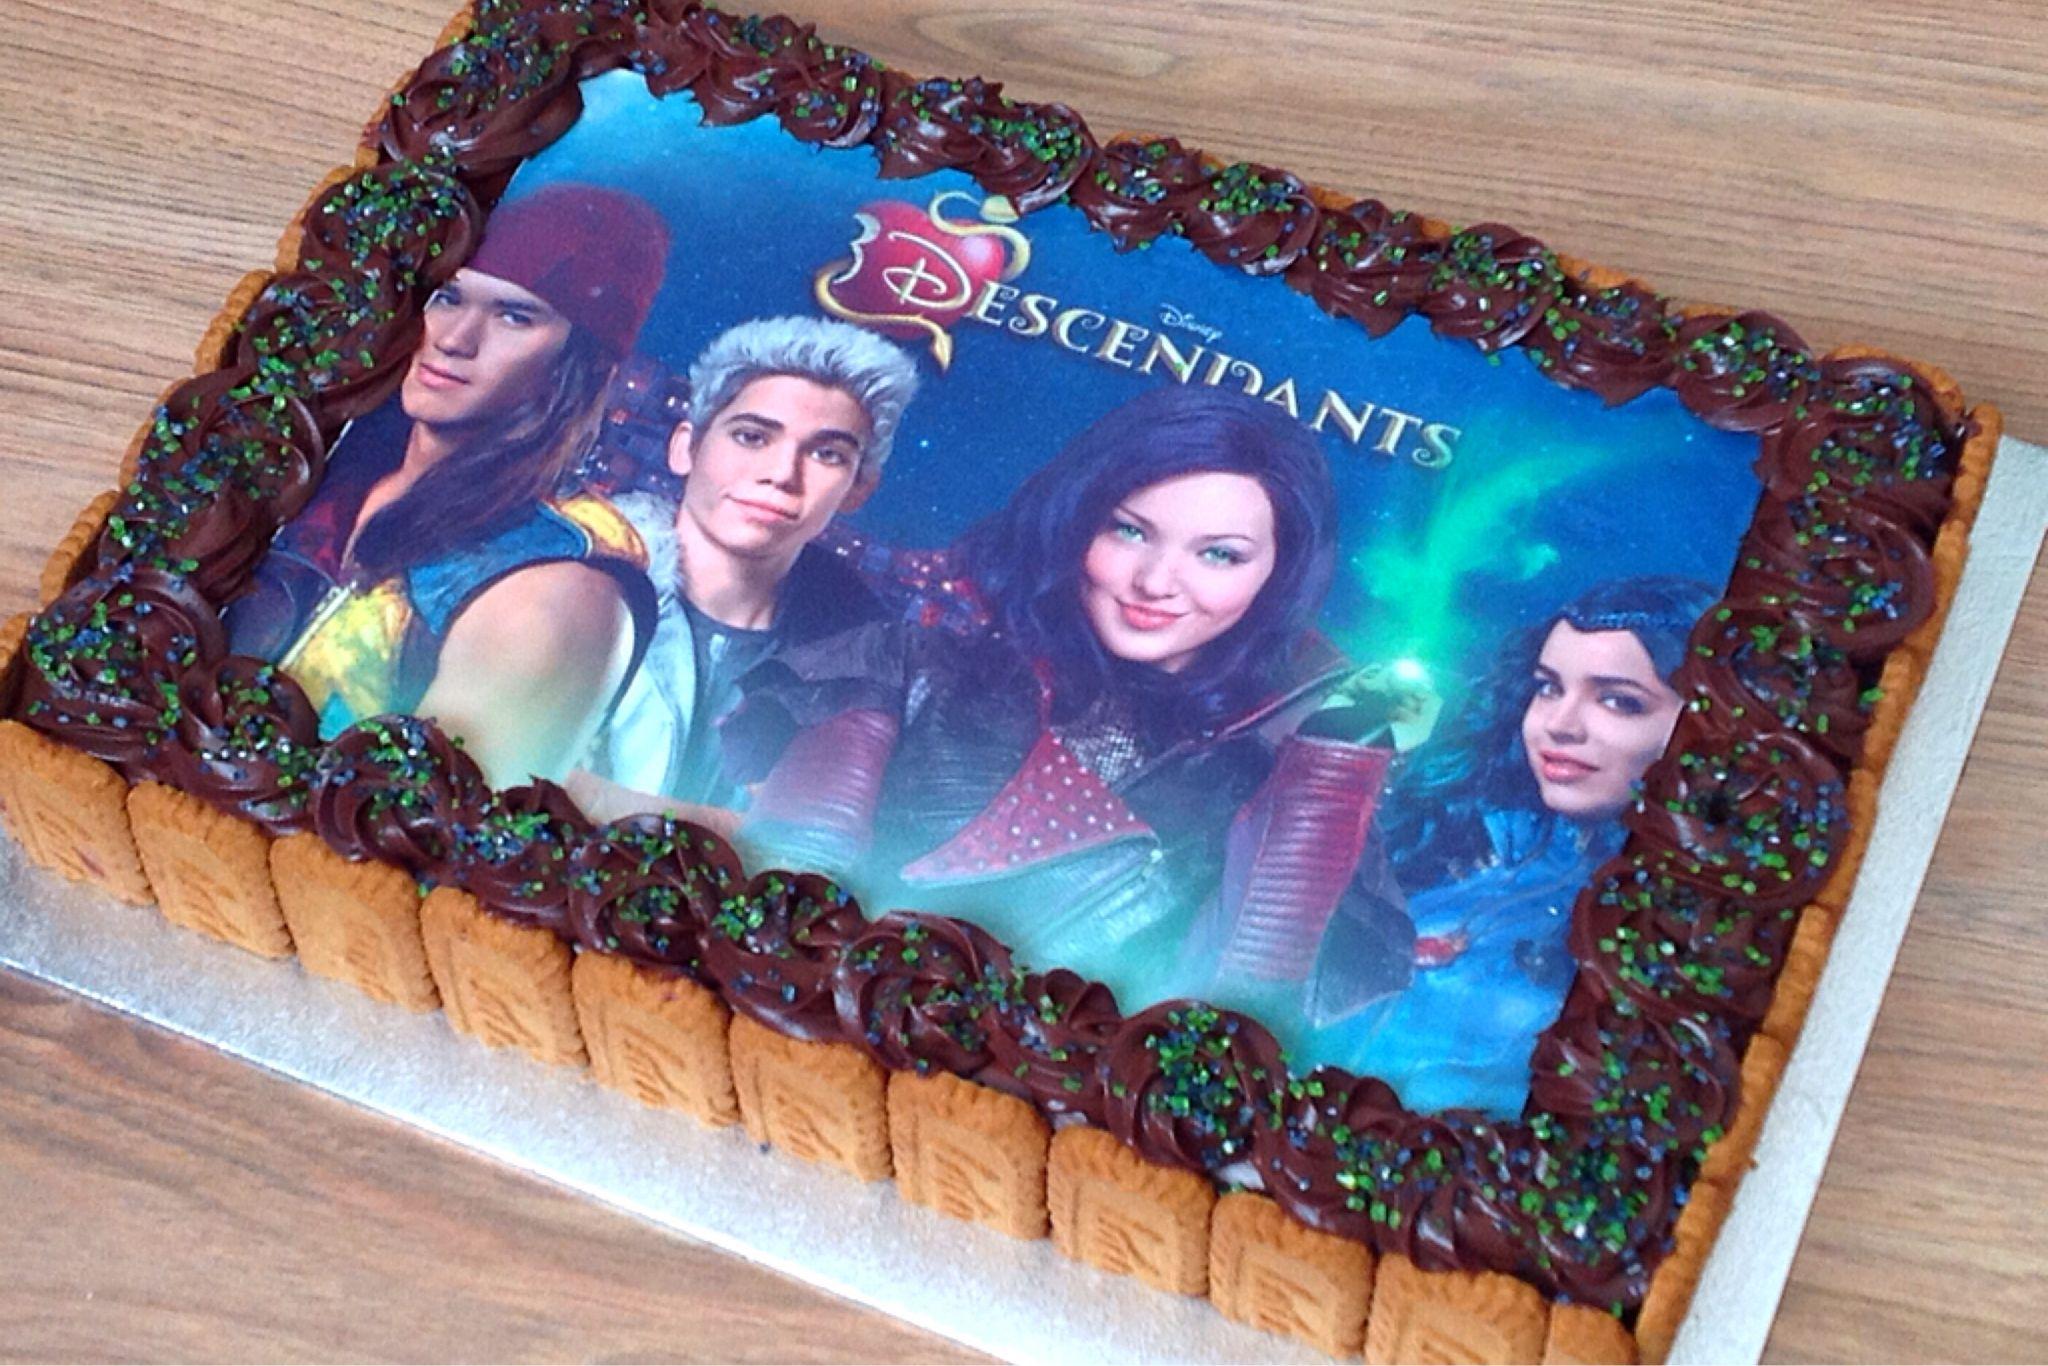 Descendientes 3 Edible Cake Topper Decoración De Cumpleaños Personalizadas De Imagen